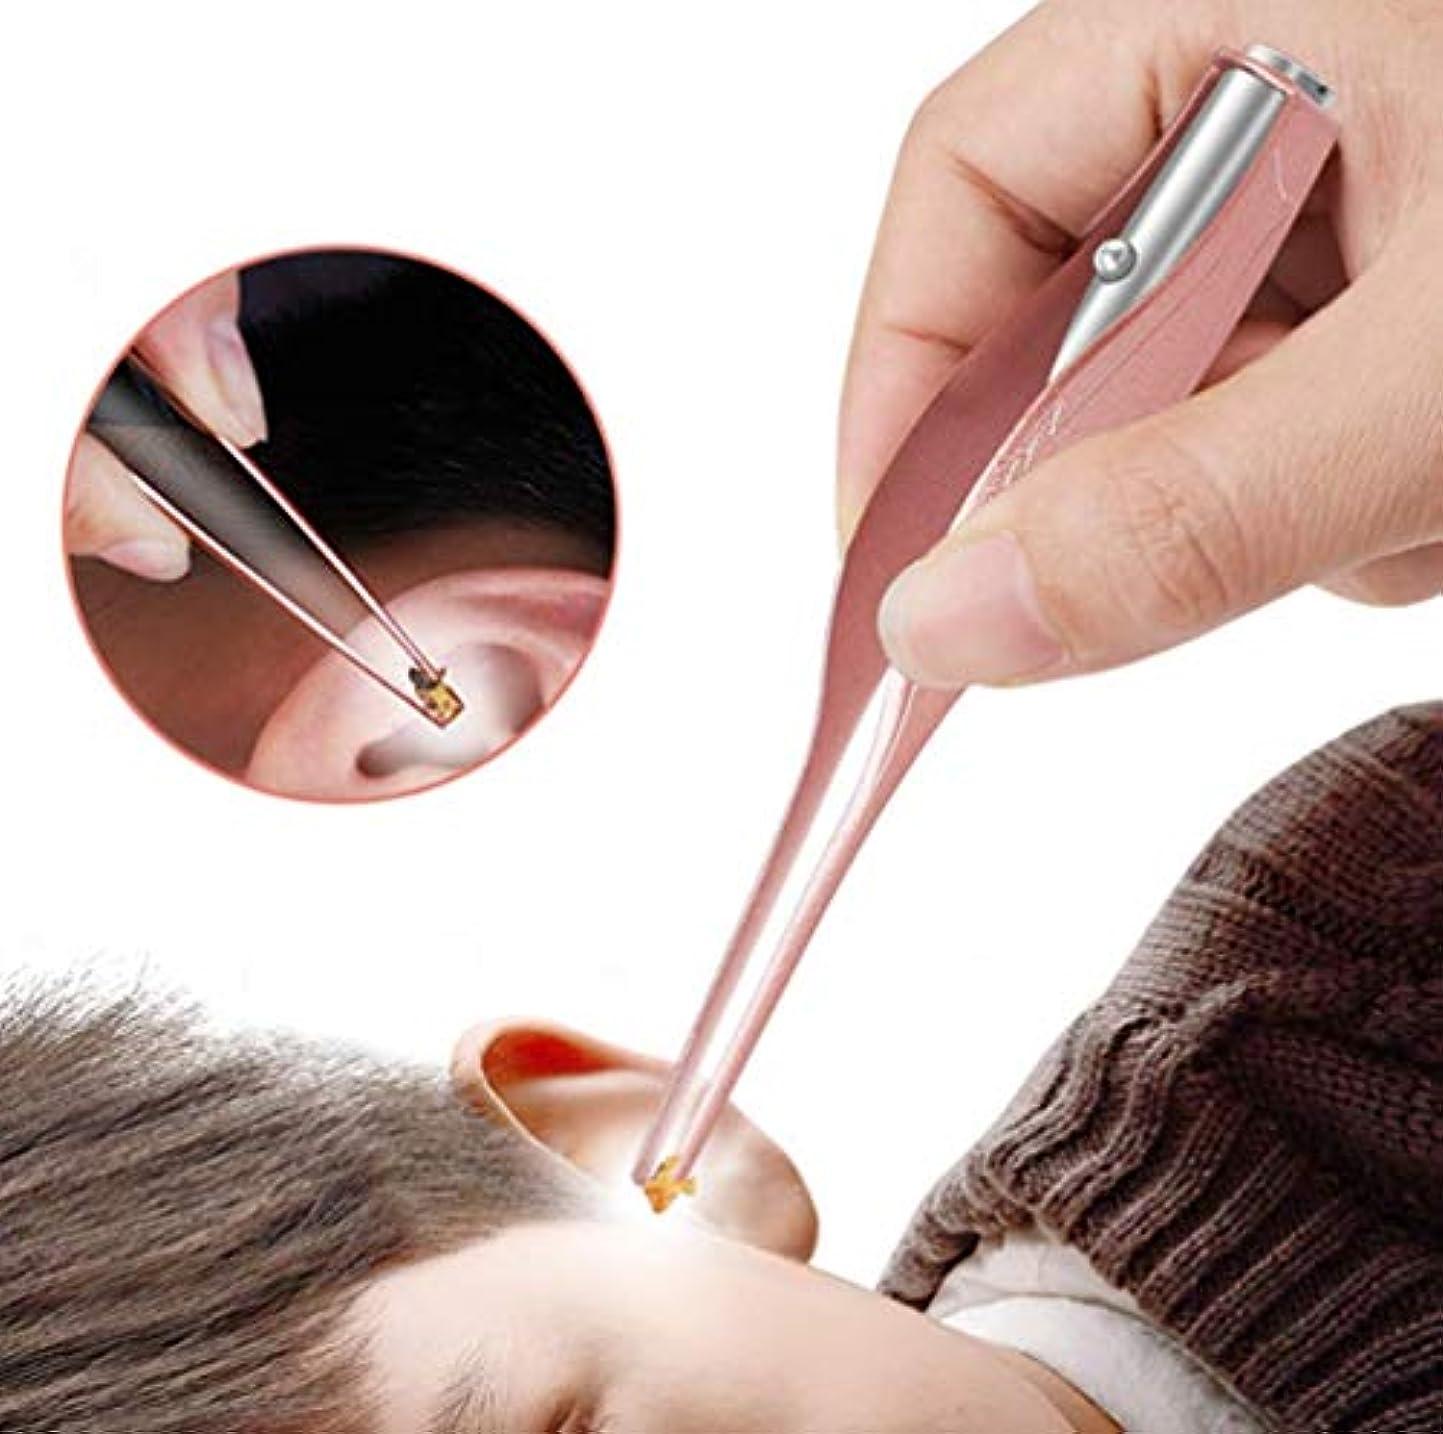 鬼ごっこ価値のないダブル耳かき ピンセット LEDライト付き 耳掃除 子供用 極細先端 ステンレス製 ピンセットタイプ ミミ光棒 はっきり見える 電池付き (ローズゴールド)